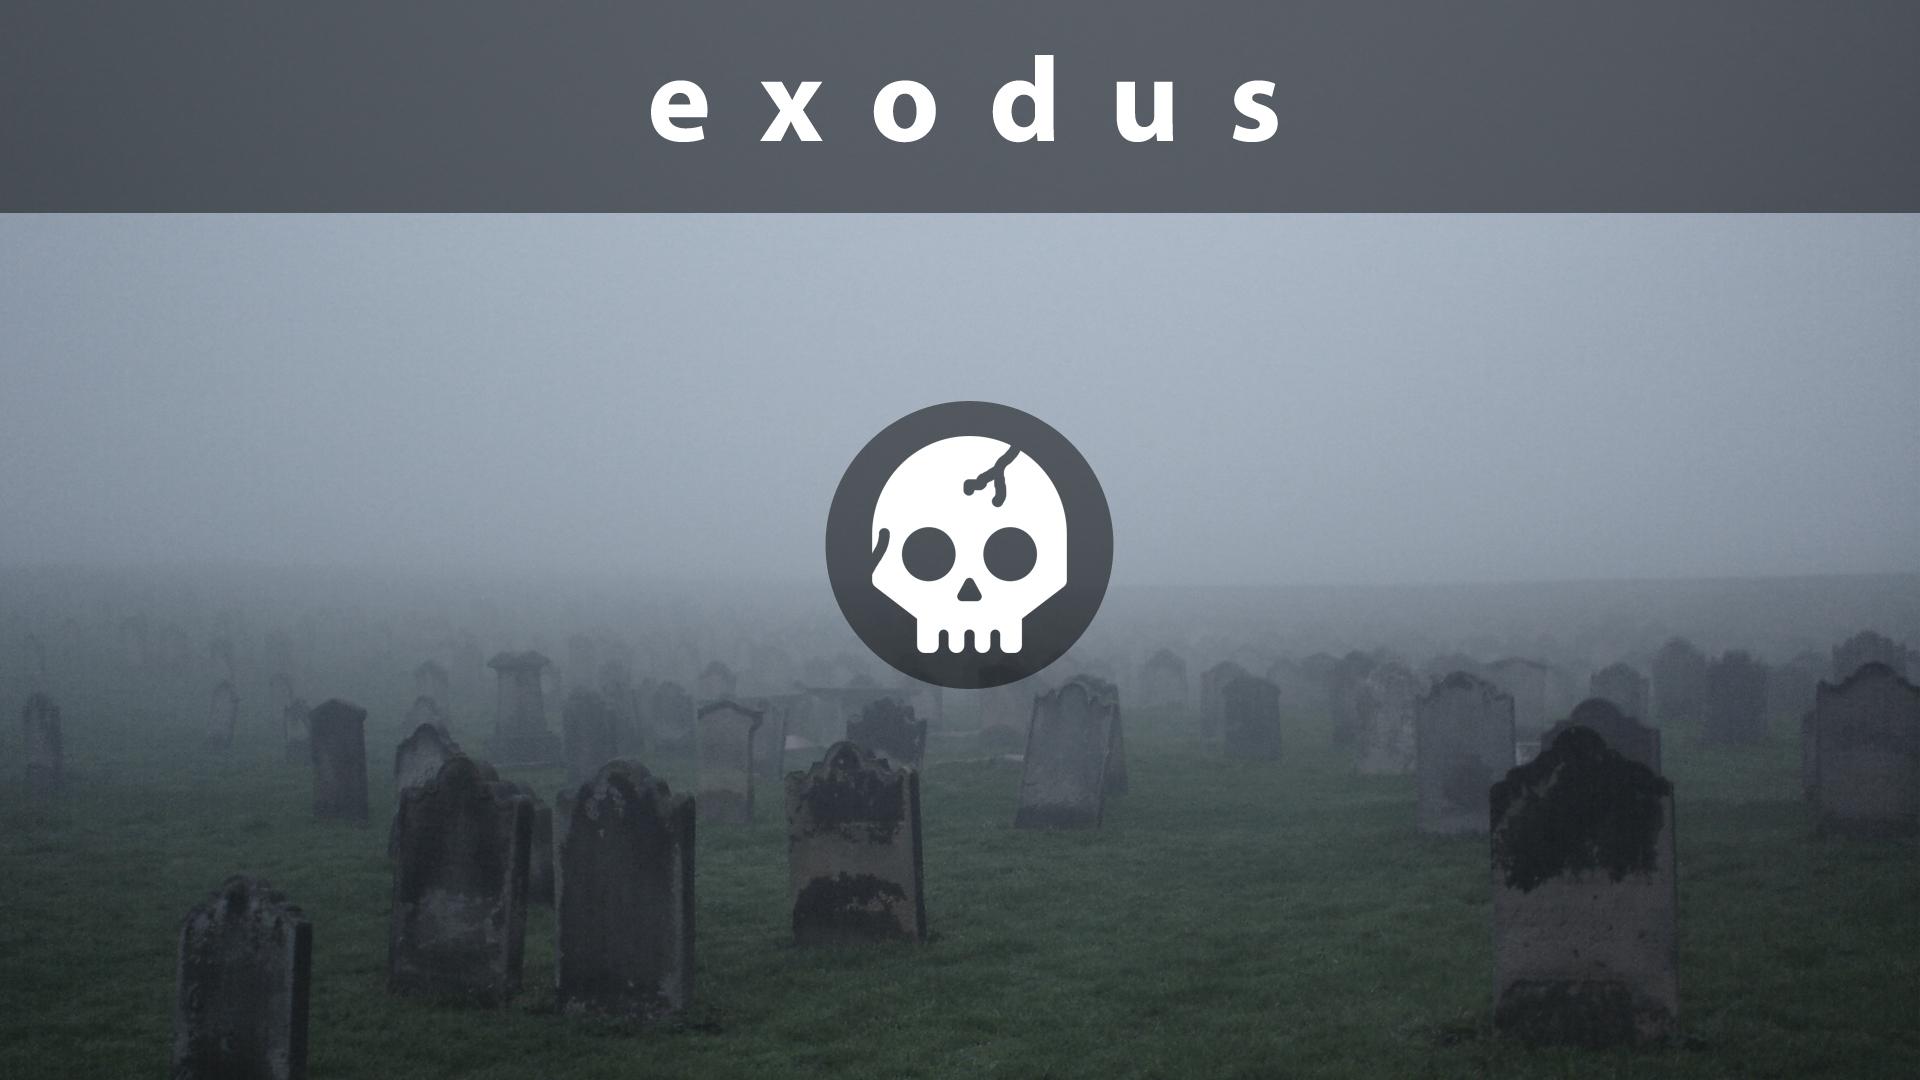 exodus1920x1080.jpg